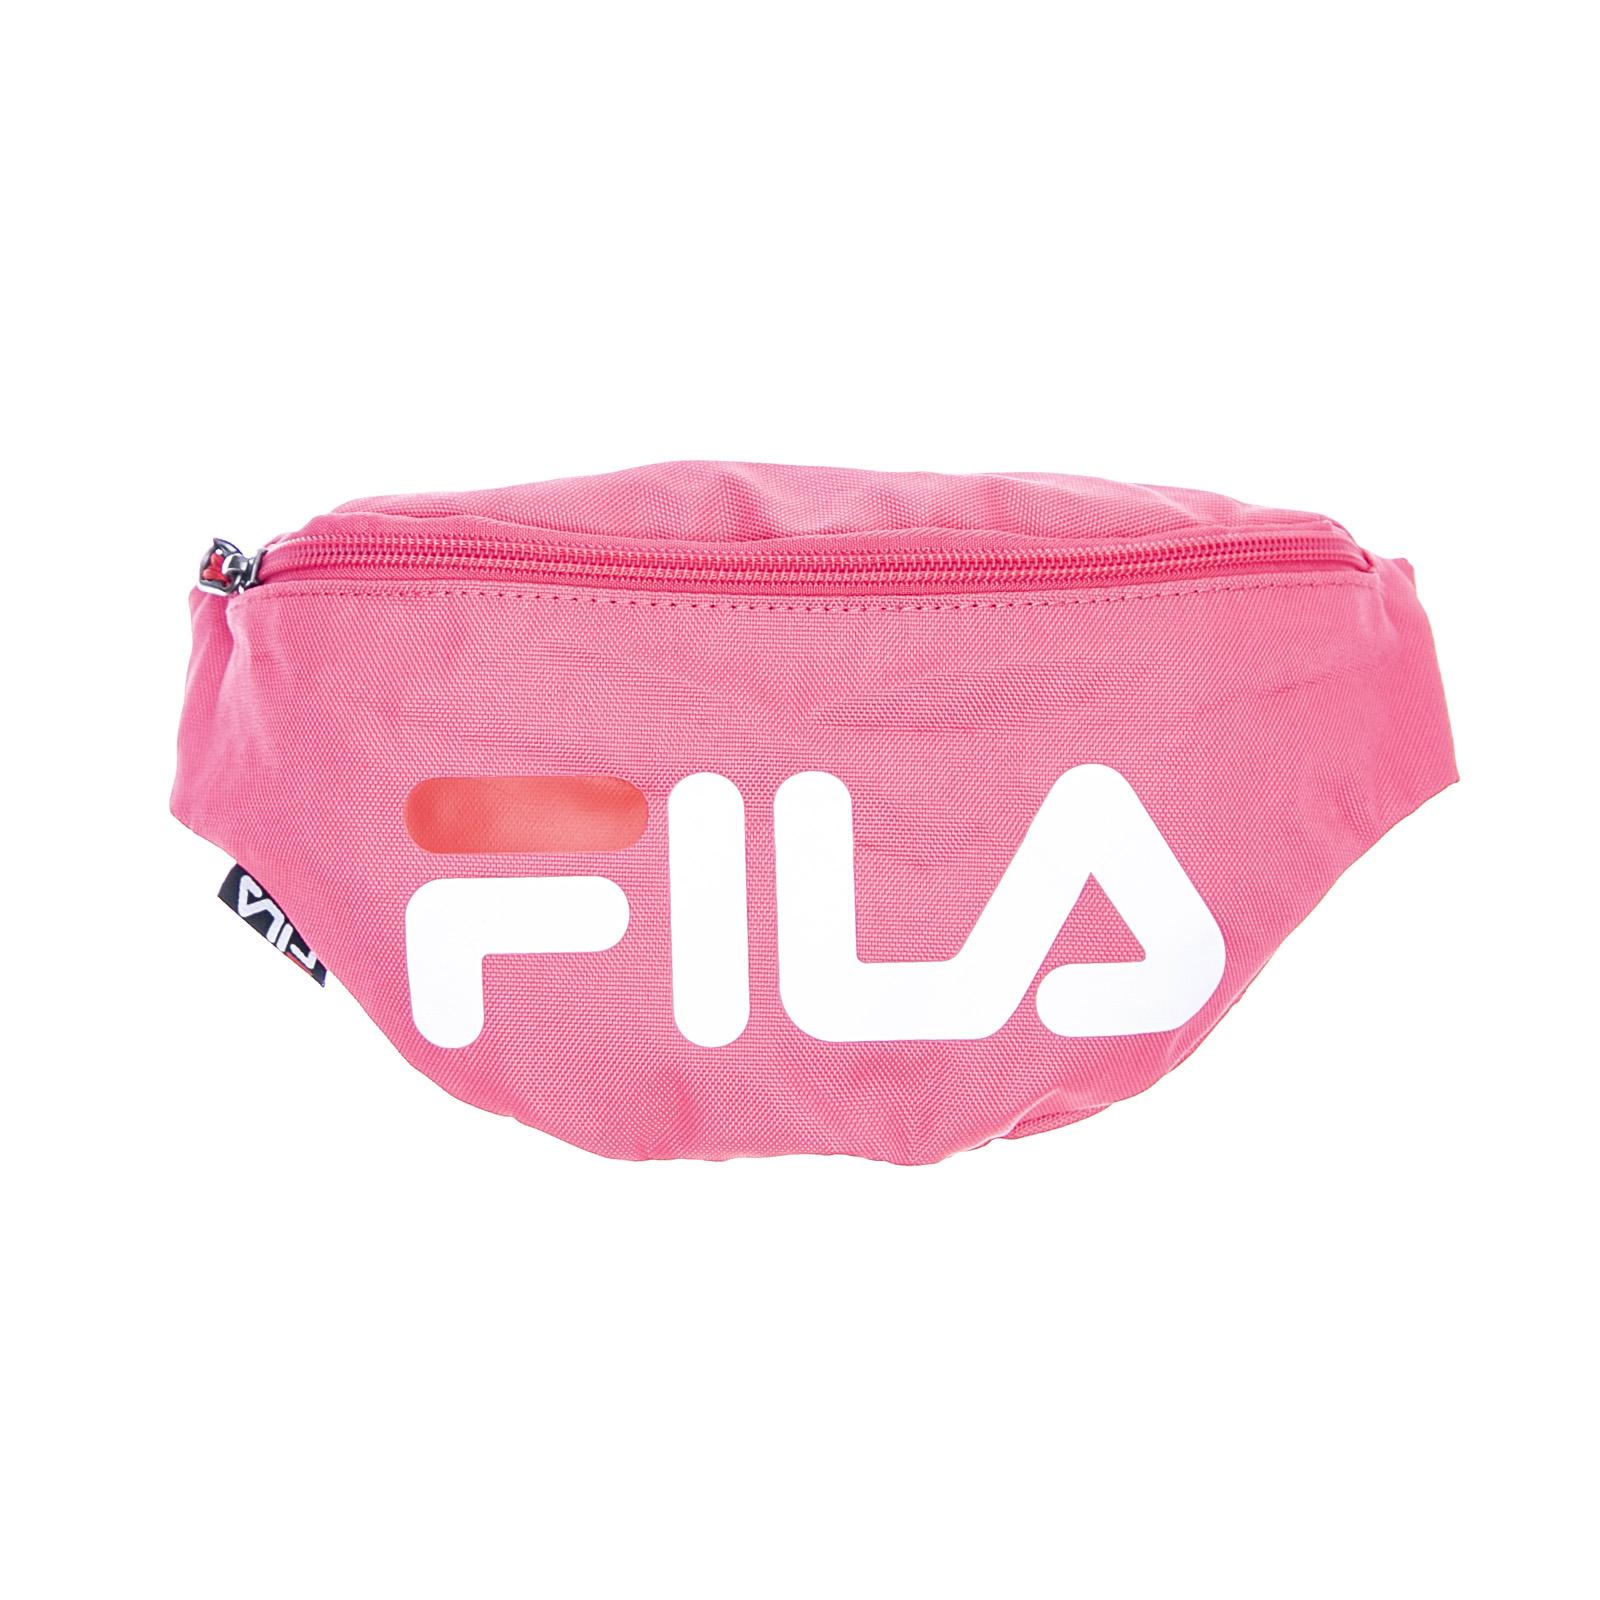 Dettagli su Fila Logo Waist Bag Slim - Pink - Marsupio Rosa